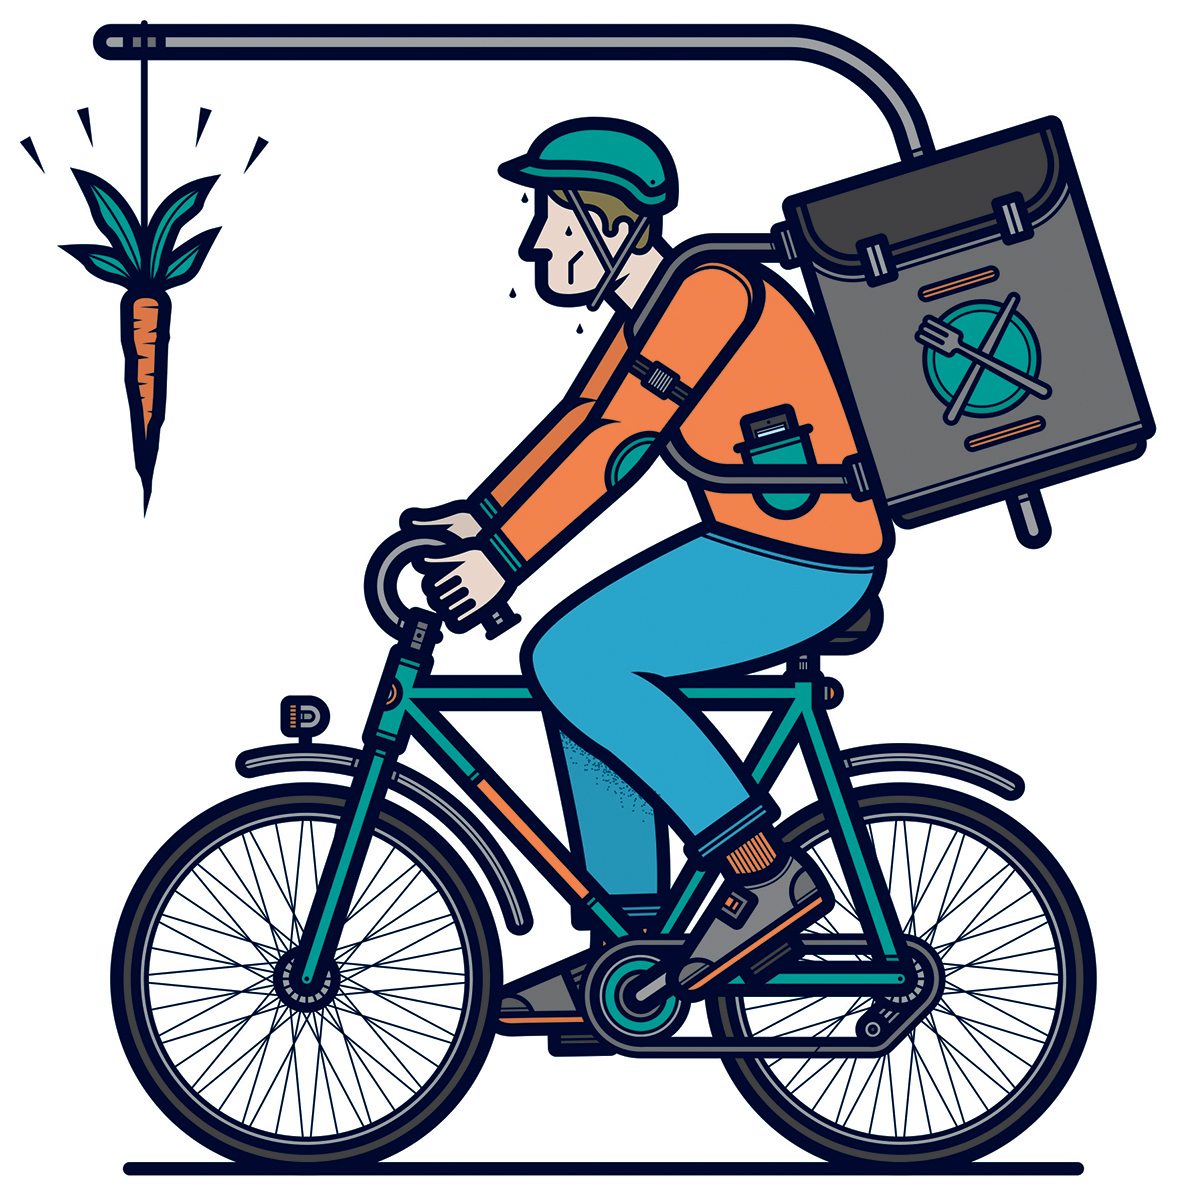 Garance-Grégoire-Gicquel-Bicycle